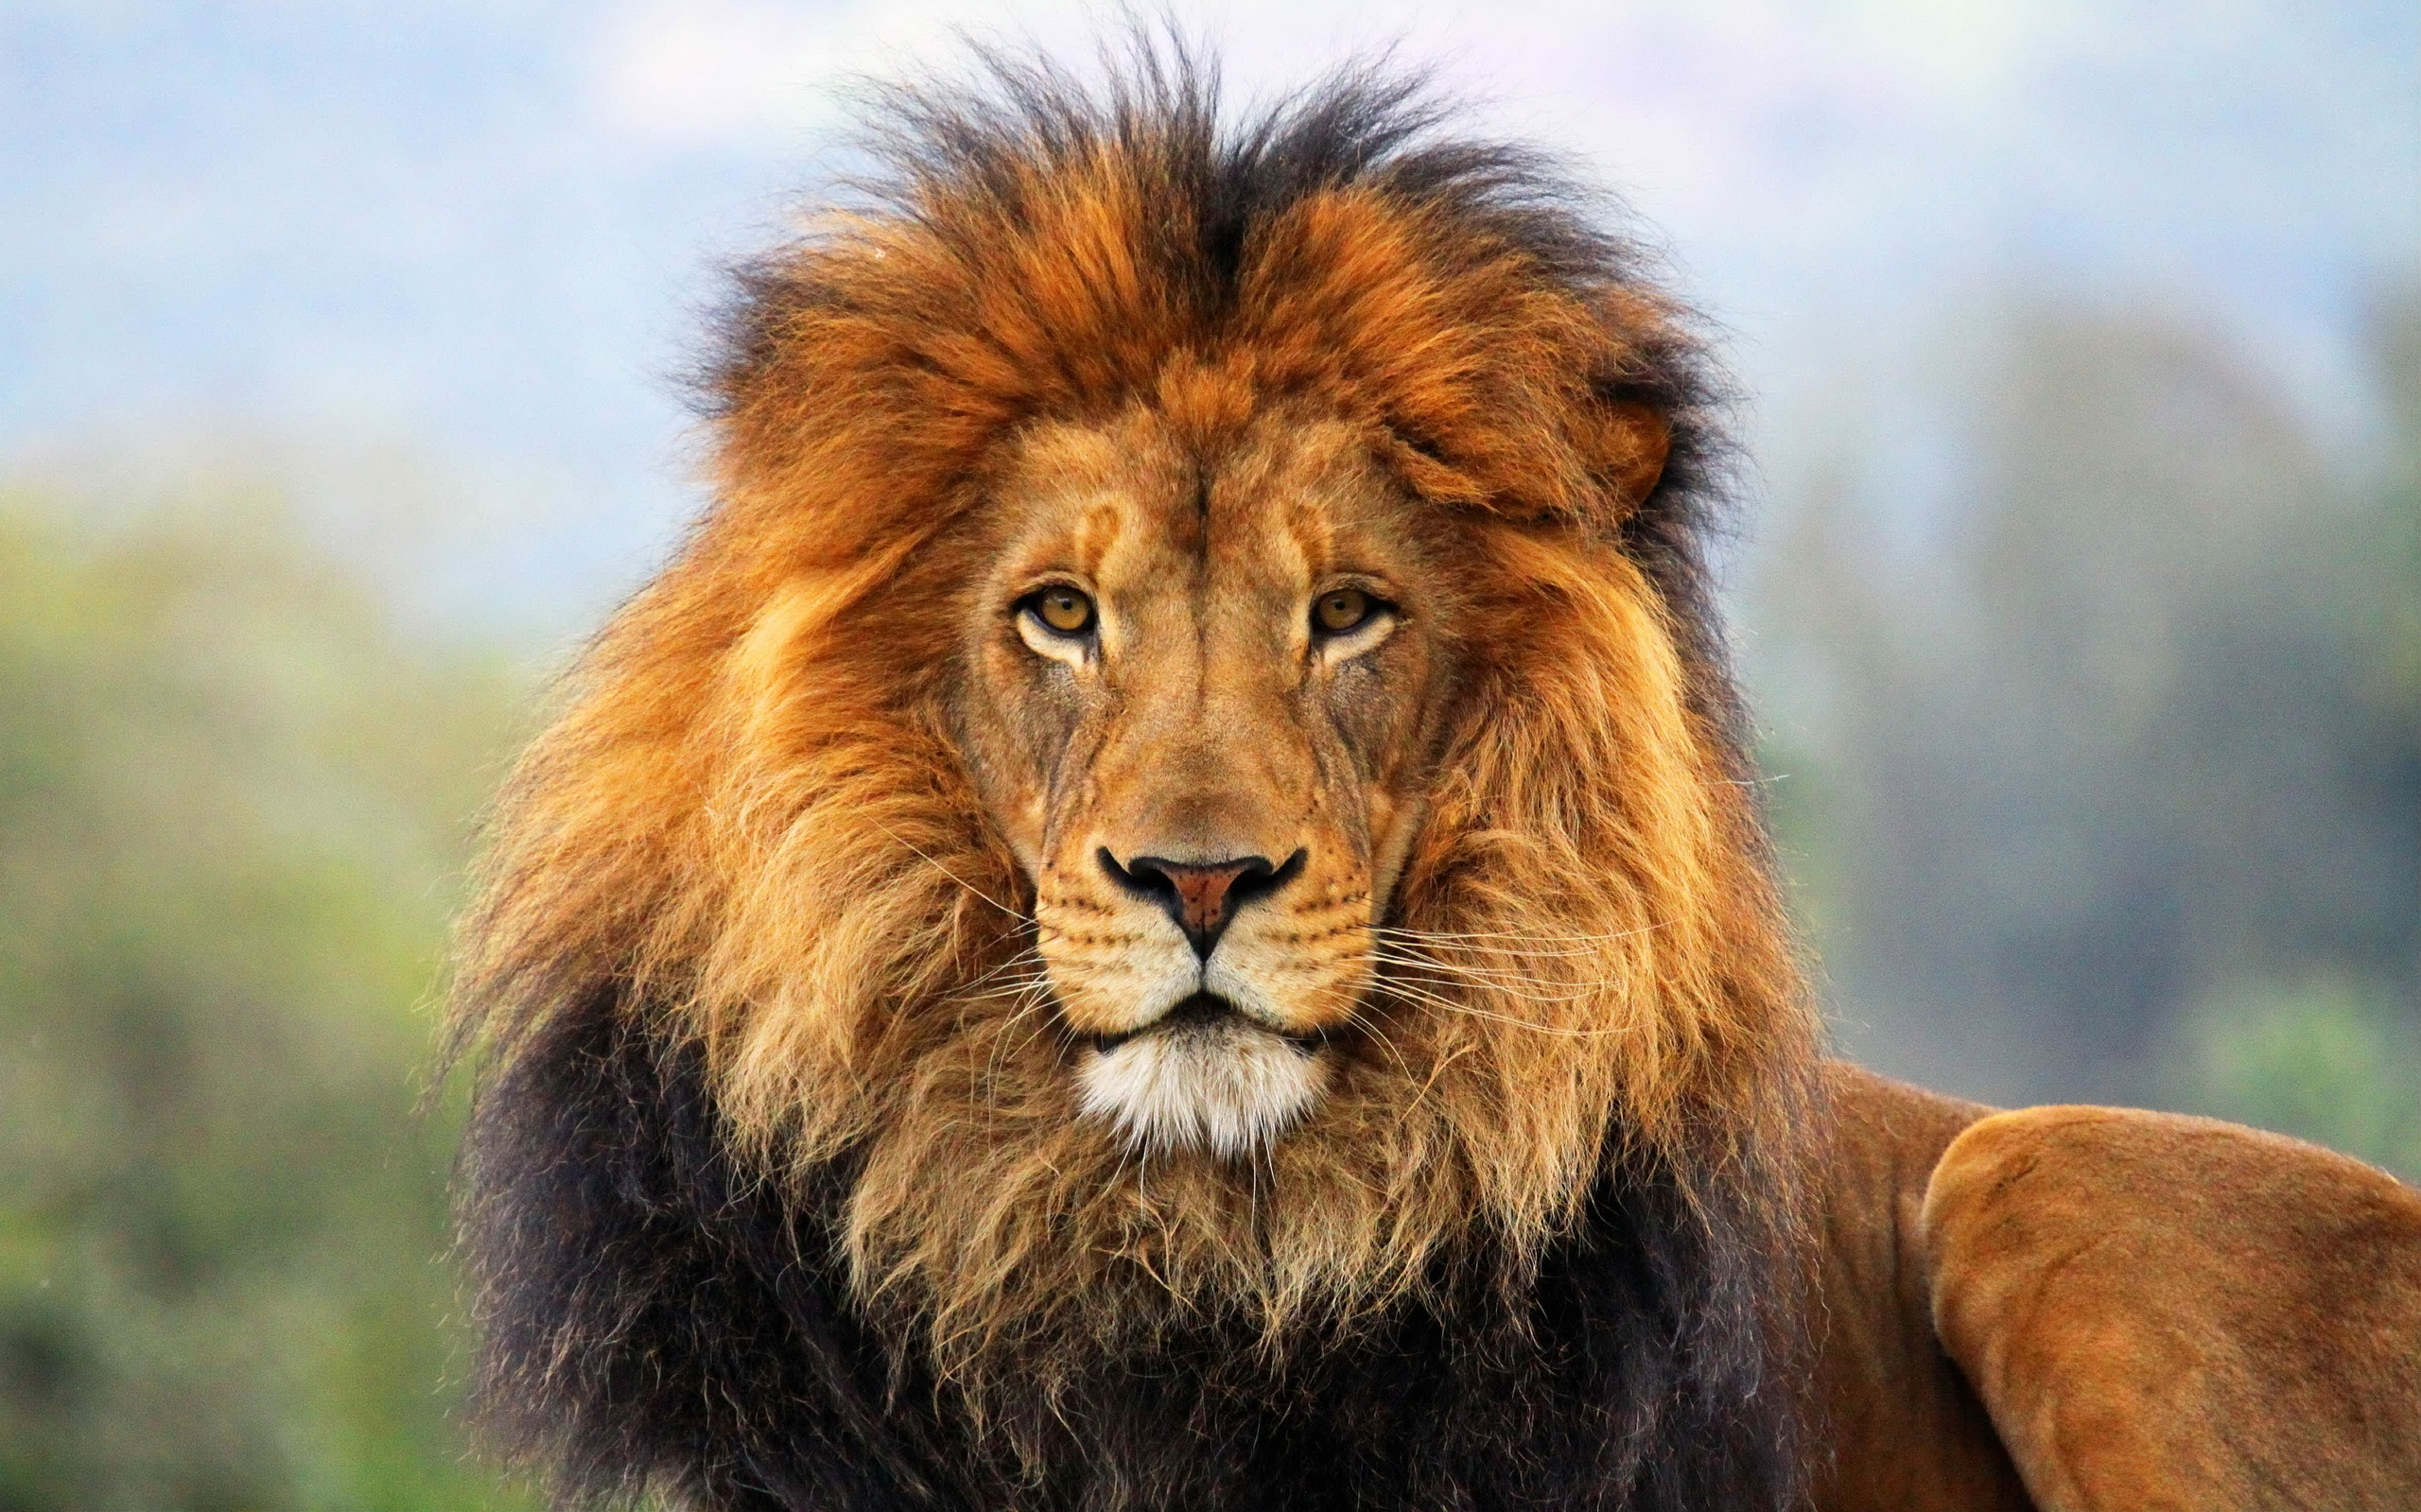 79761 скачать обои Животные, Лев, Грива, Взгляд, Ожидание, Большая Кошка, Хищник, Царь, Зверей - заставки и картинки бесплатно